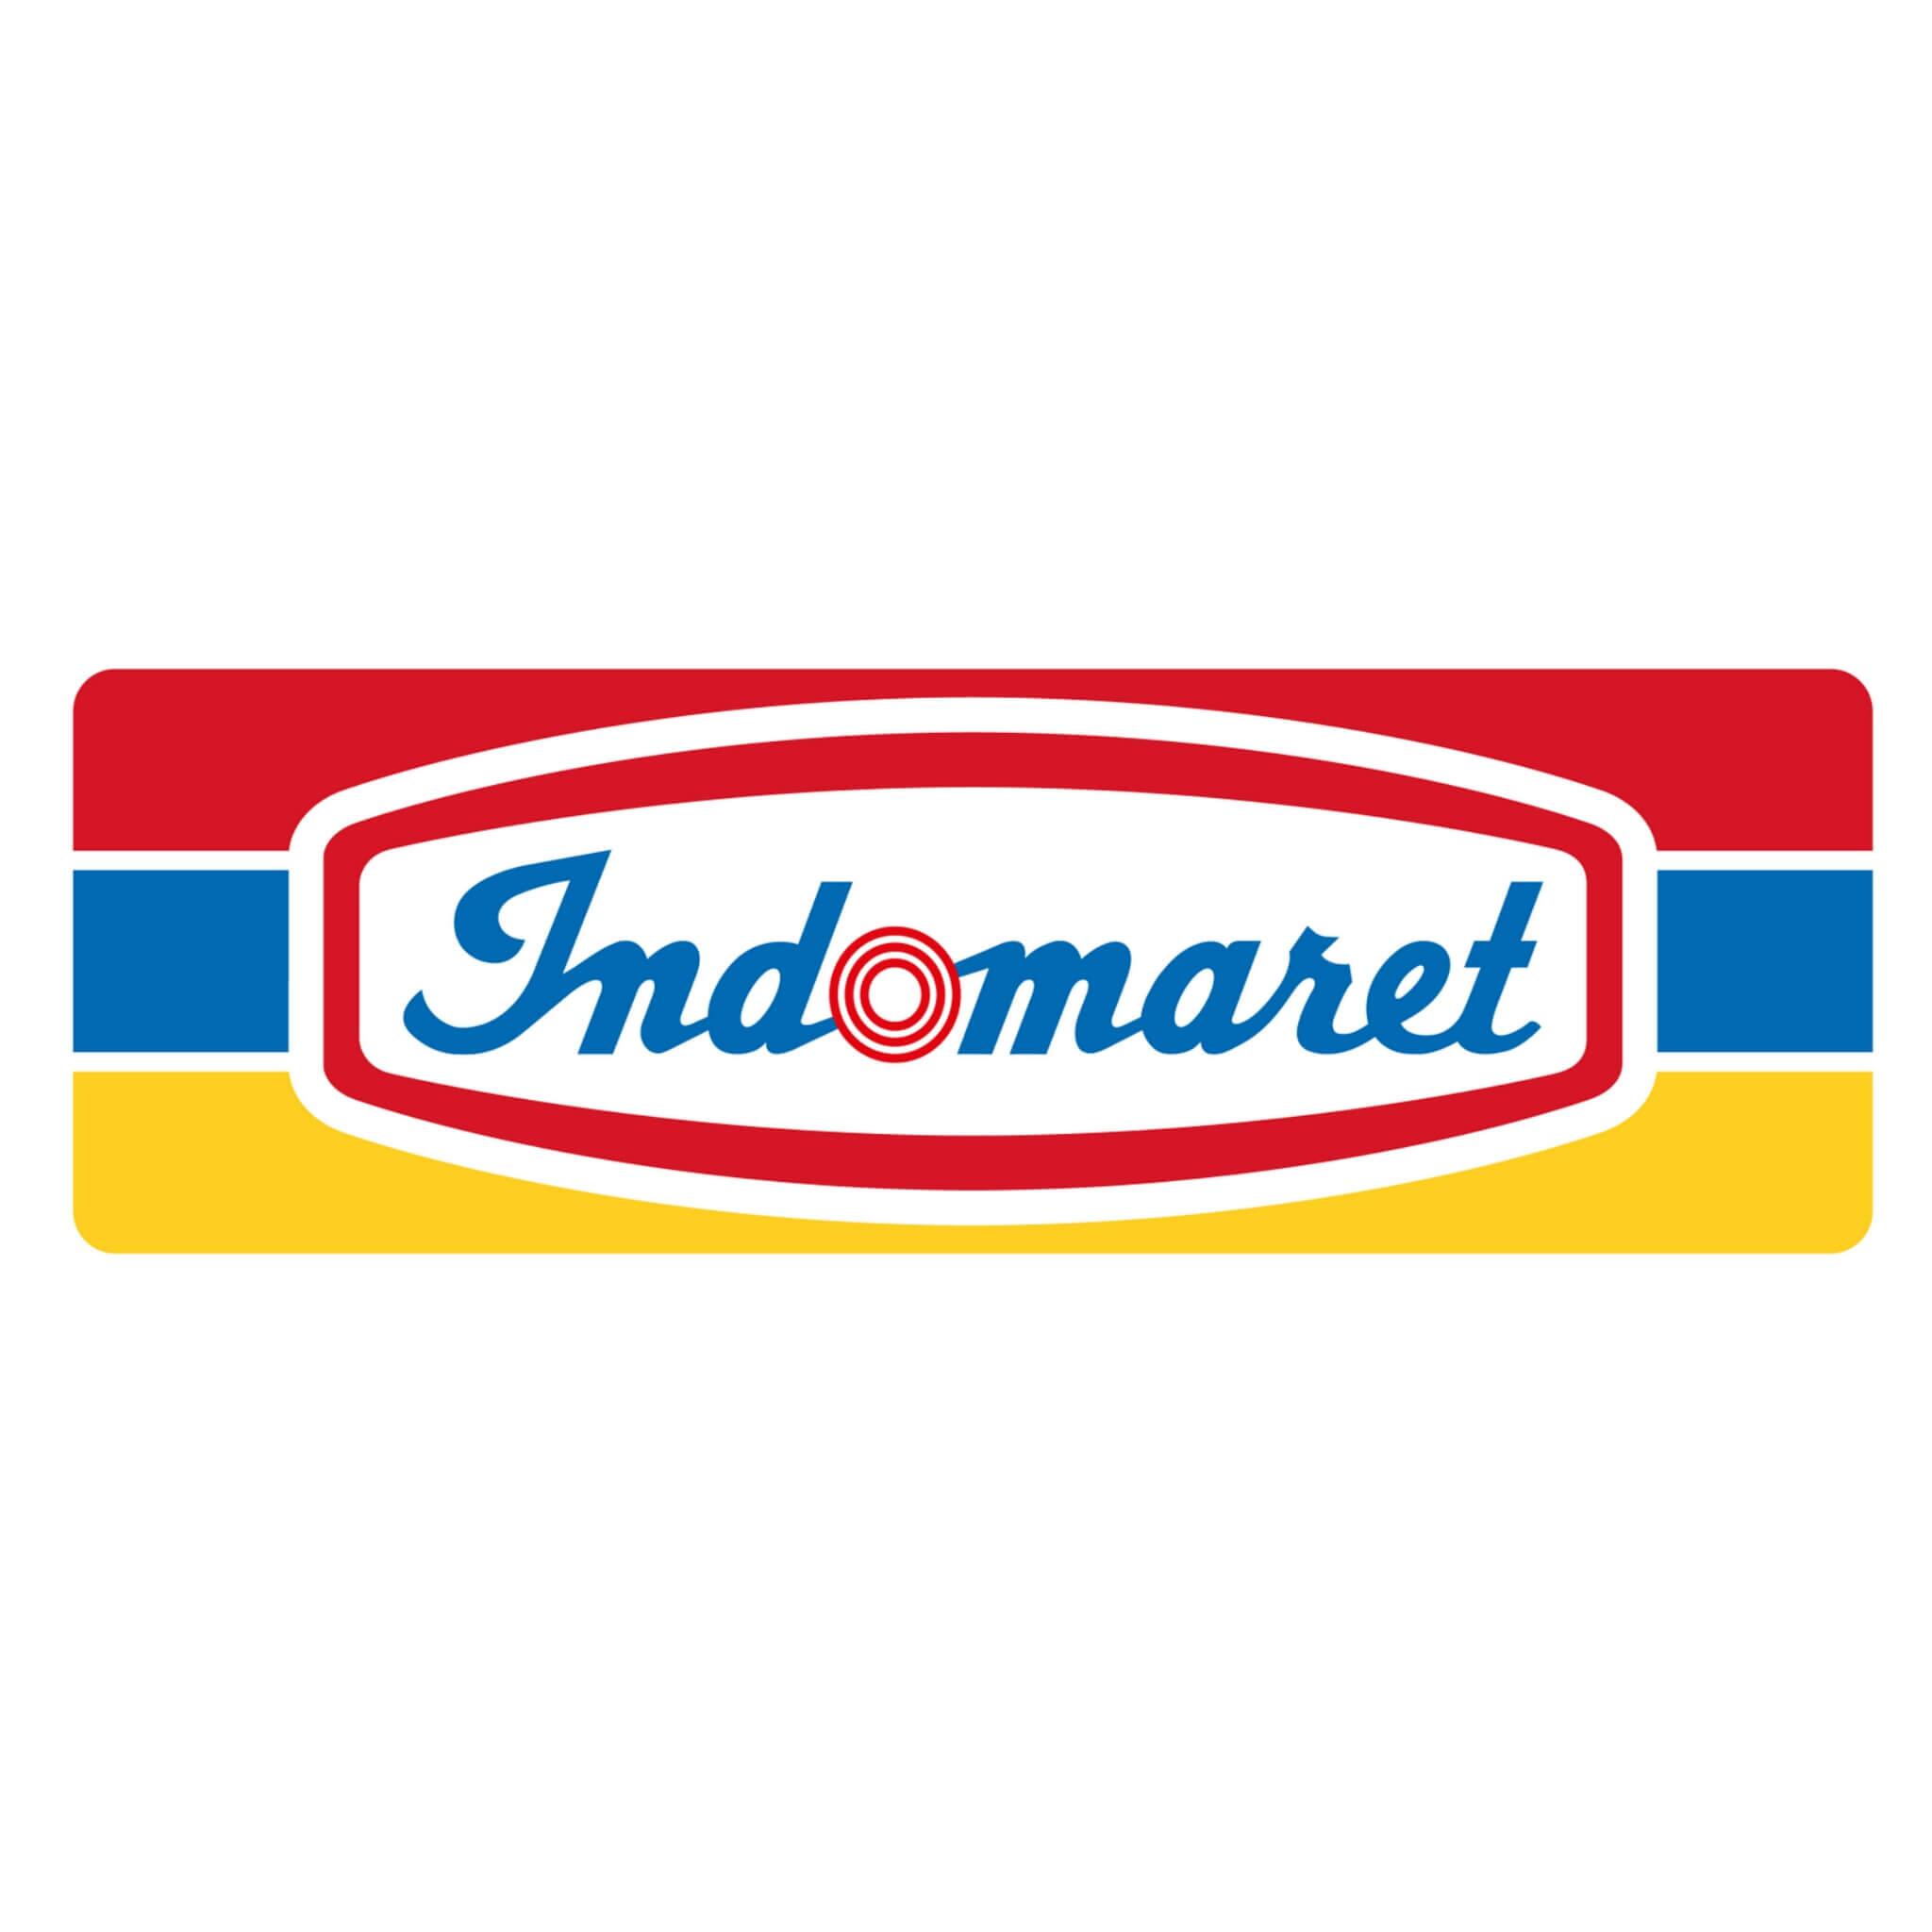 indomaret (1).jpg